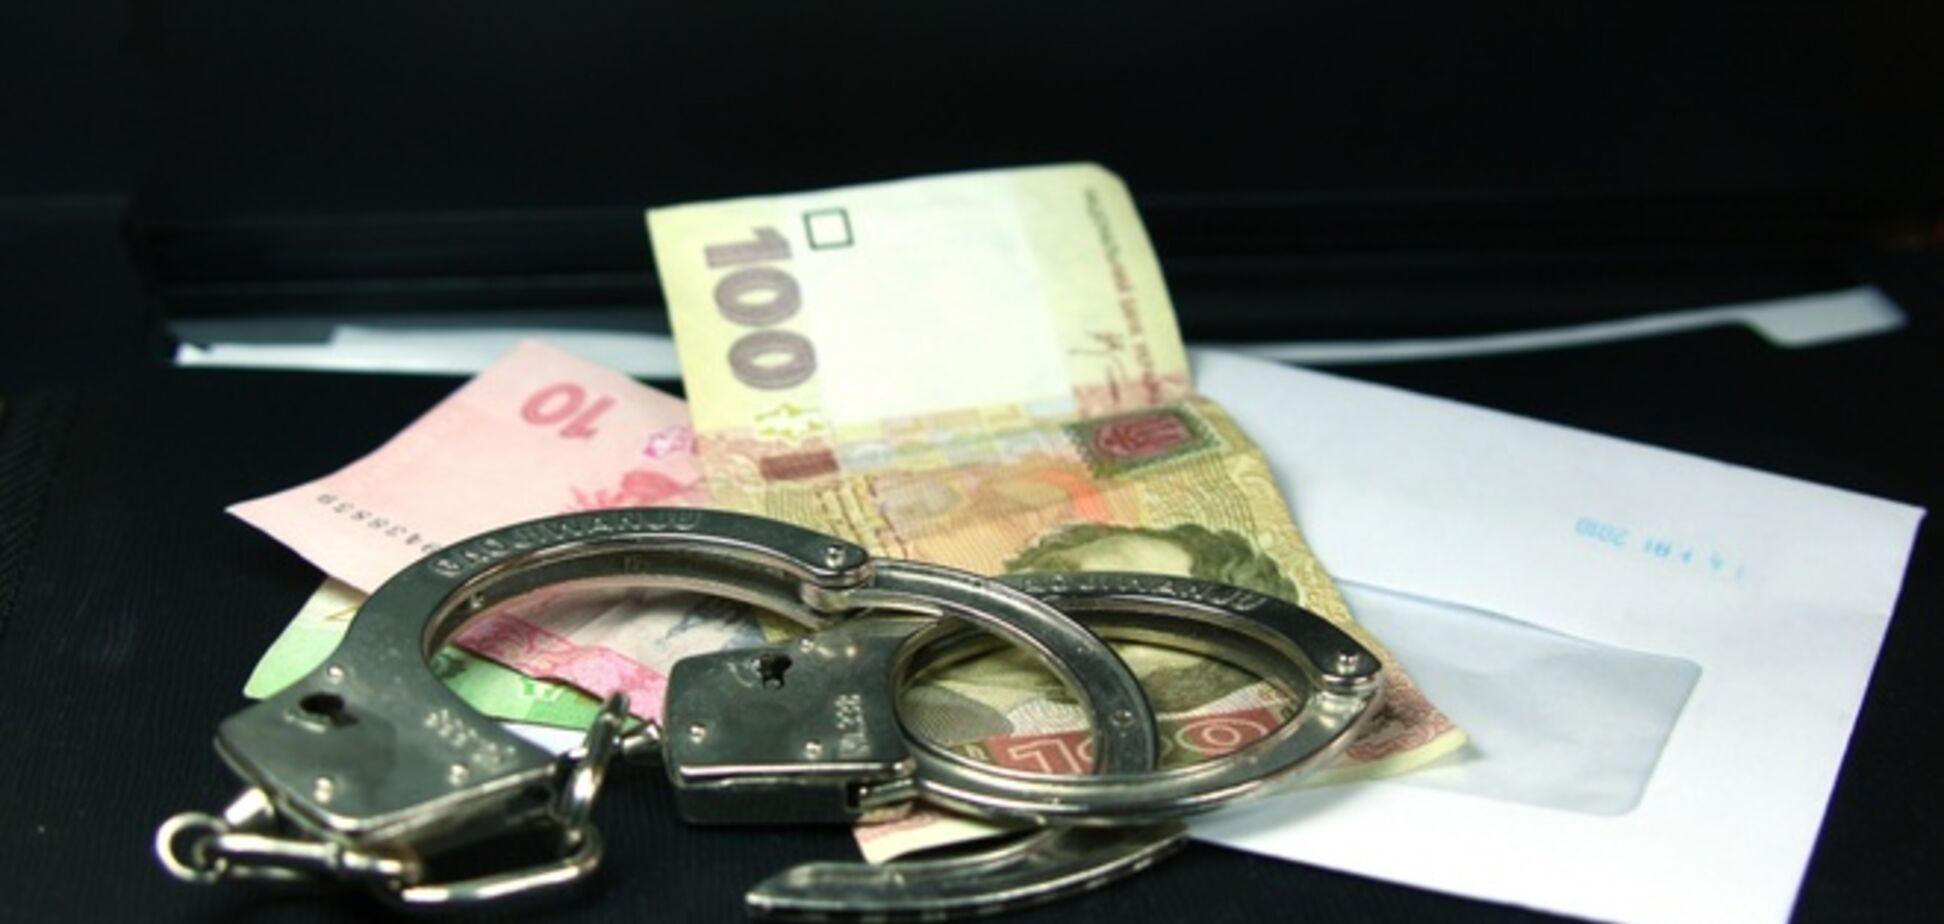 Суд готов выпустить взяточника-замглавы ГосЧС под залог – 'ИС'